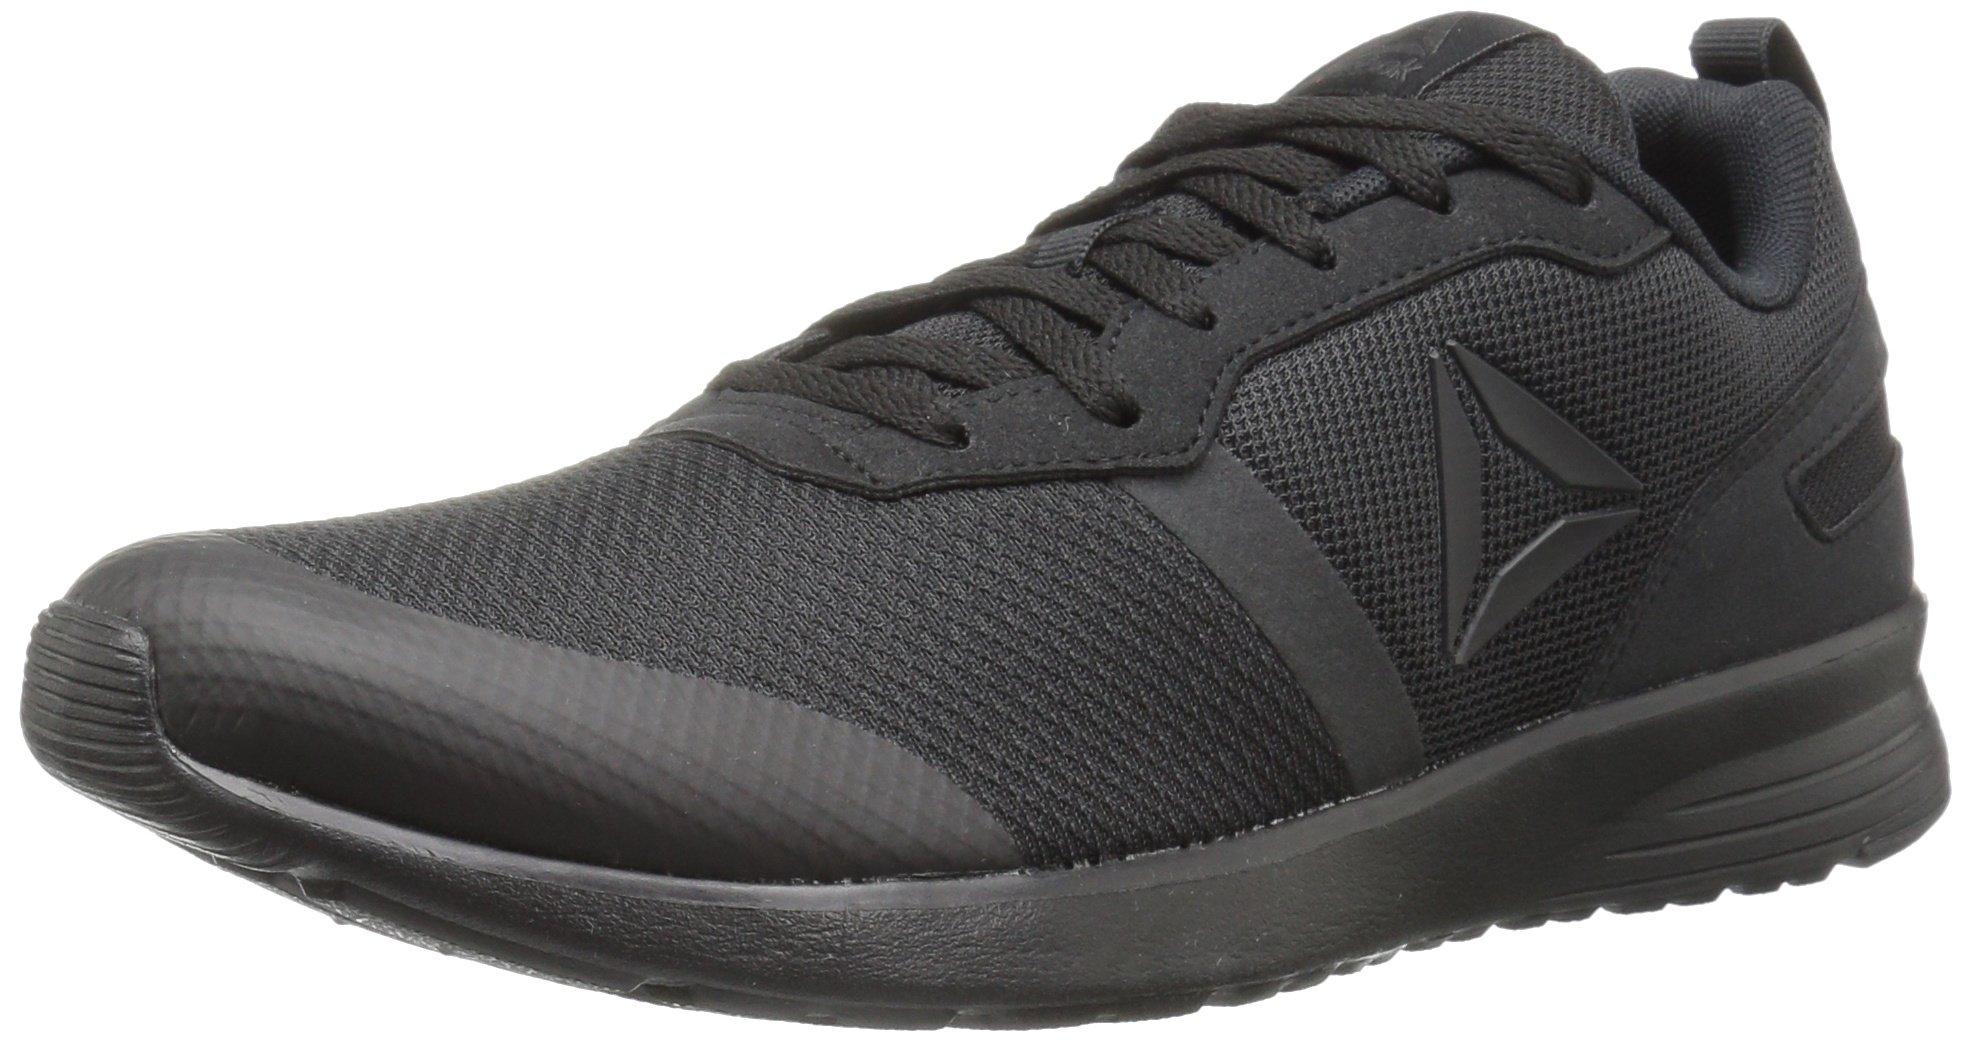 Reebok Women's Foster Flyer Track Shoe,black/coal,7.5 M US